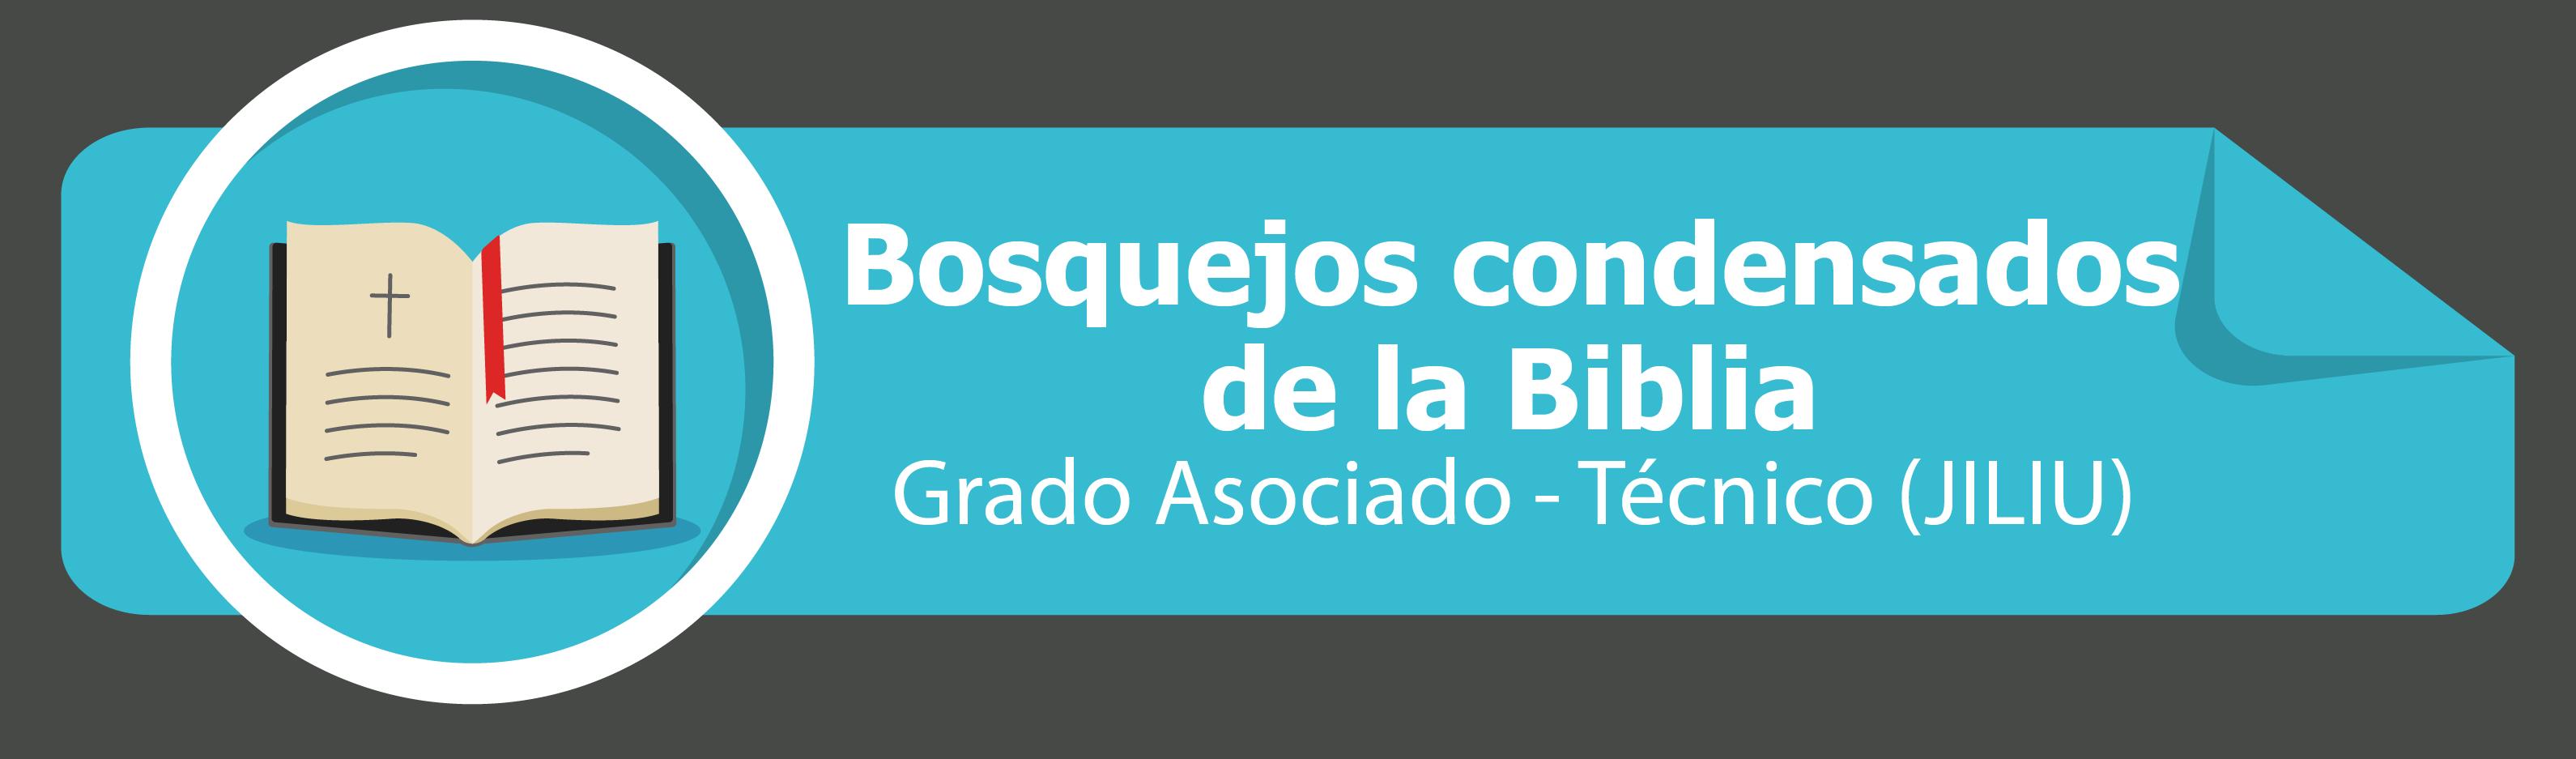 Bosquejos Condensados de la Biblia